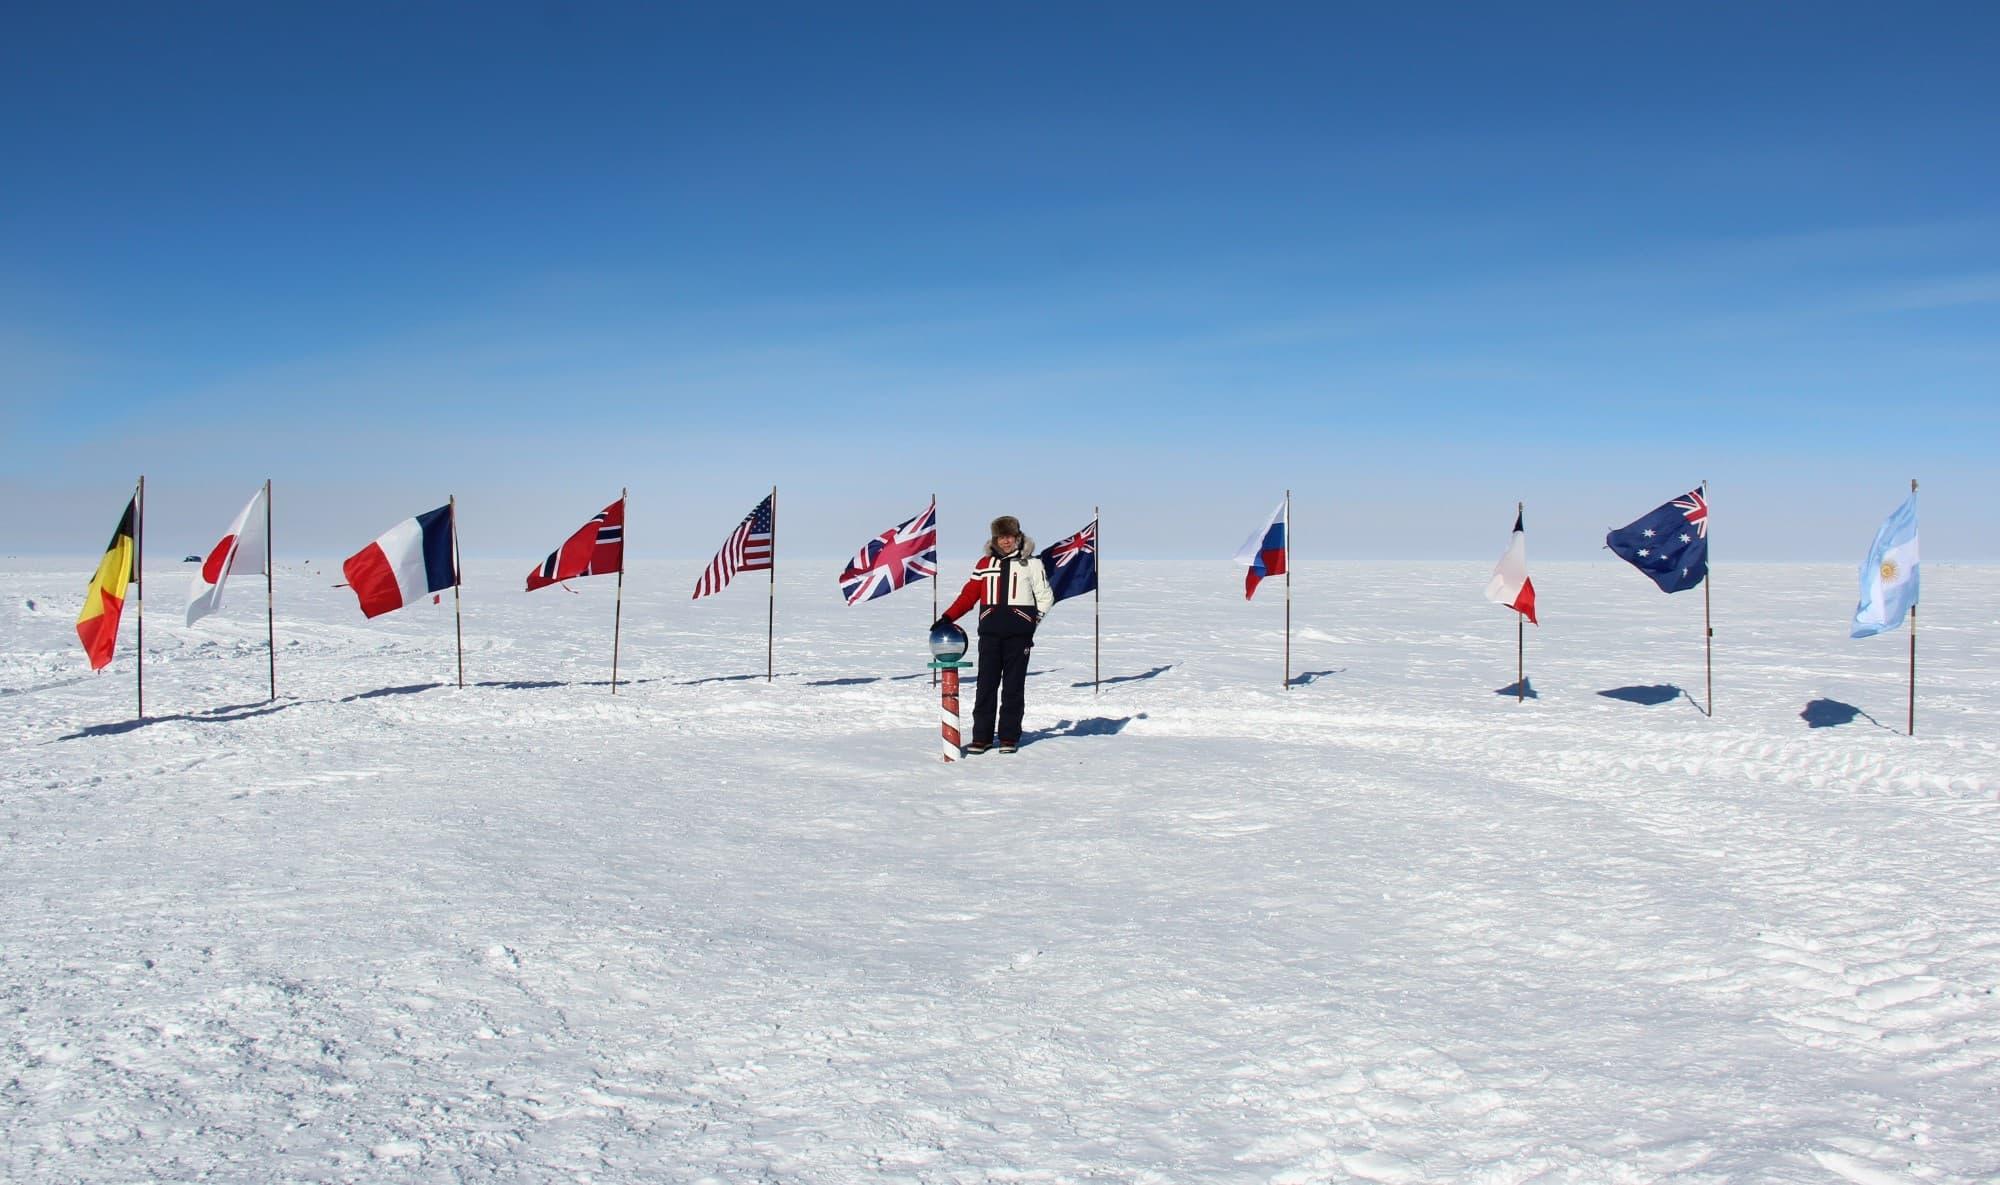 IMG_1026 - Пред знамената на 11-те страни, първи подписали Антарктическия договор.